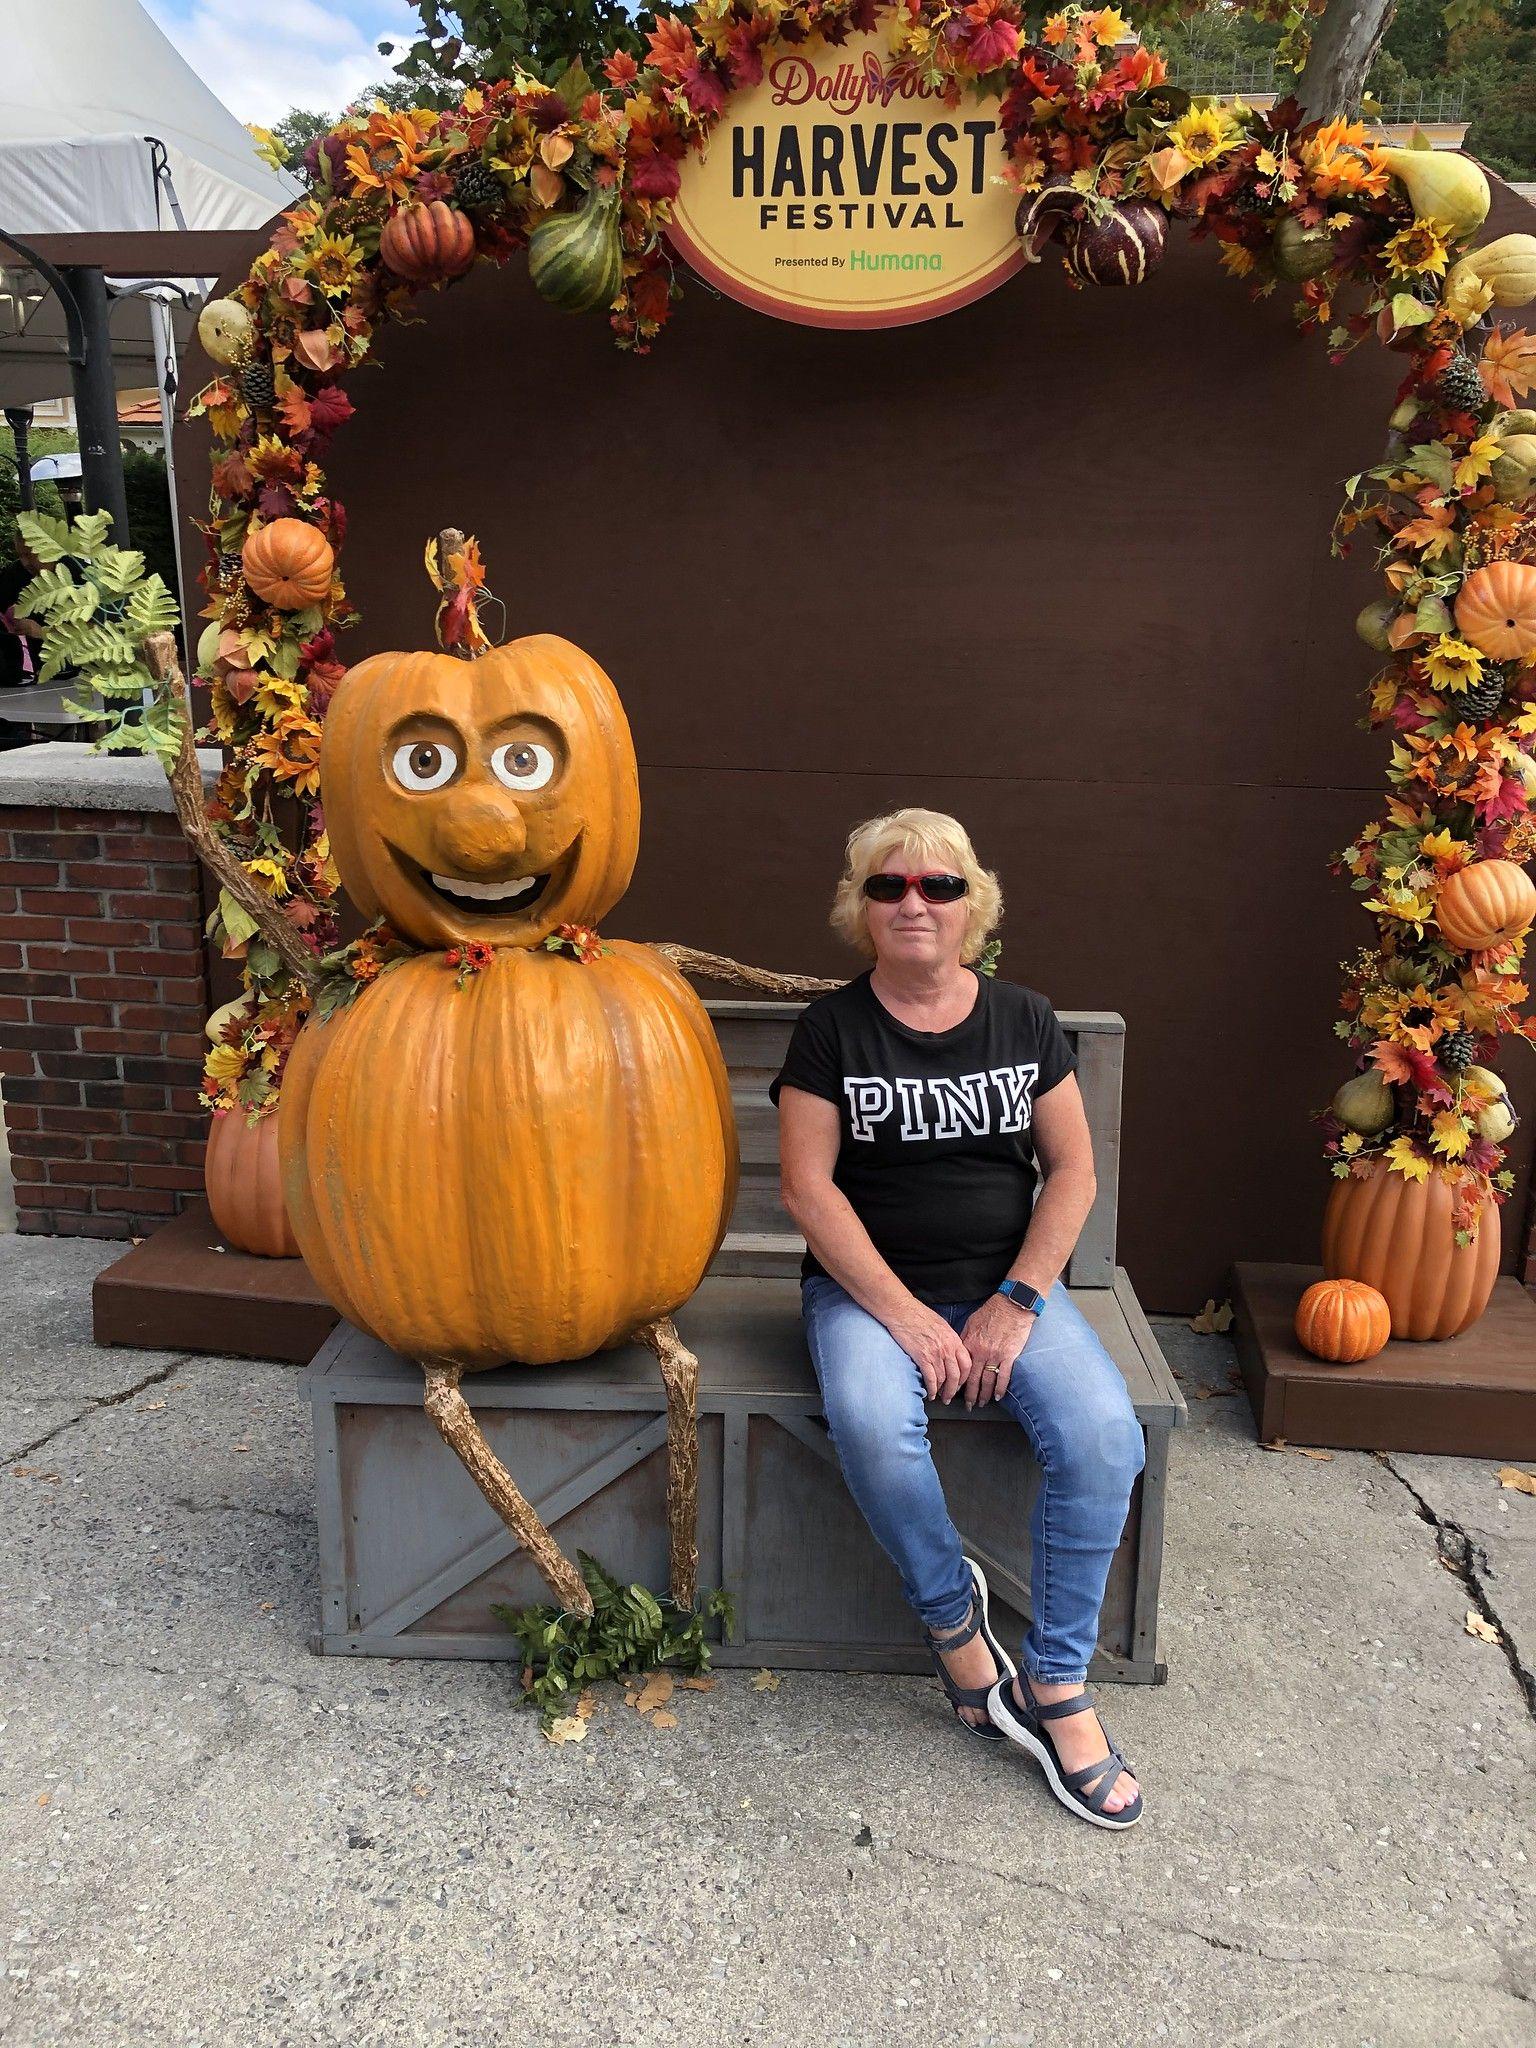 Harvest Festival Dollywood Harvest, Pumpkin carving